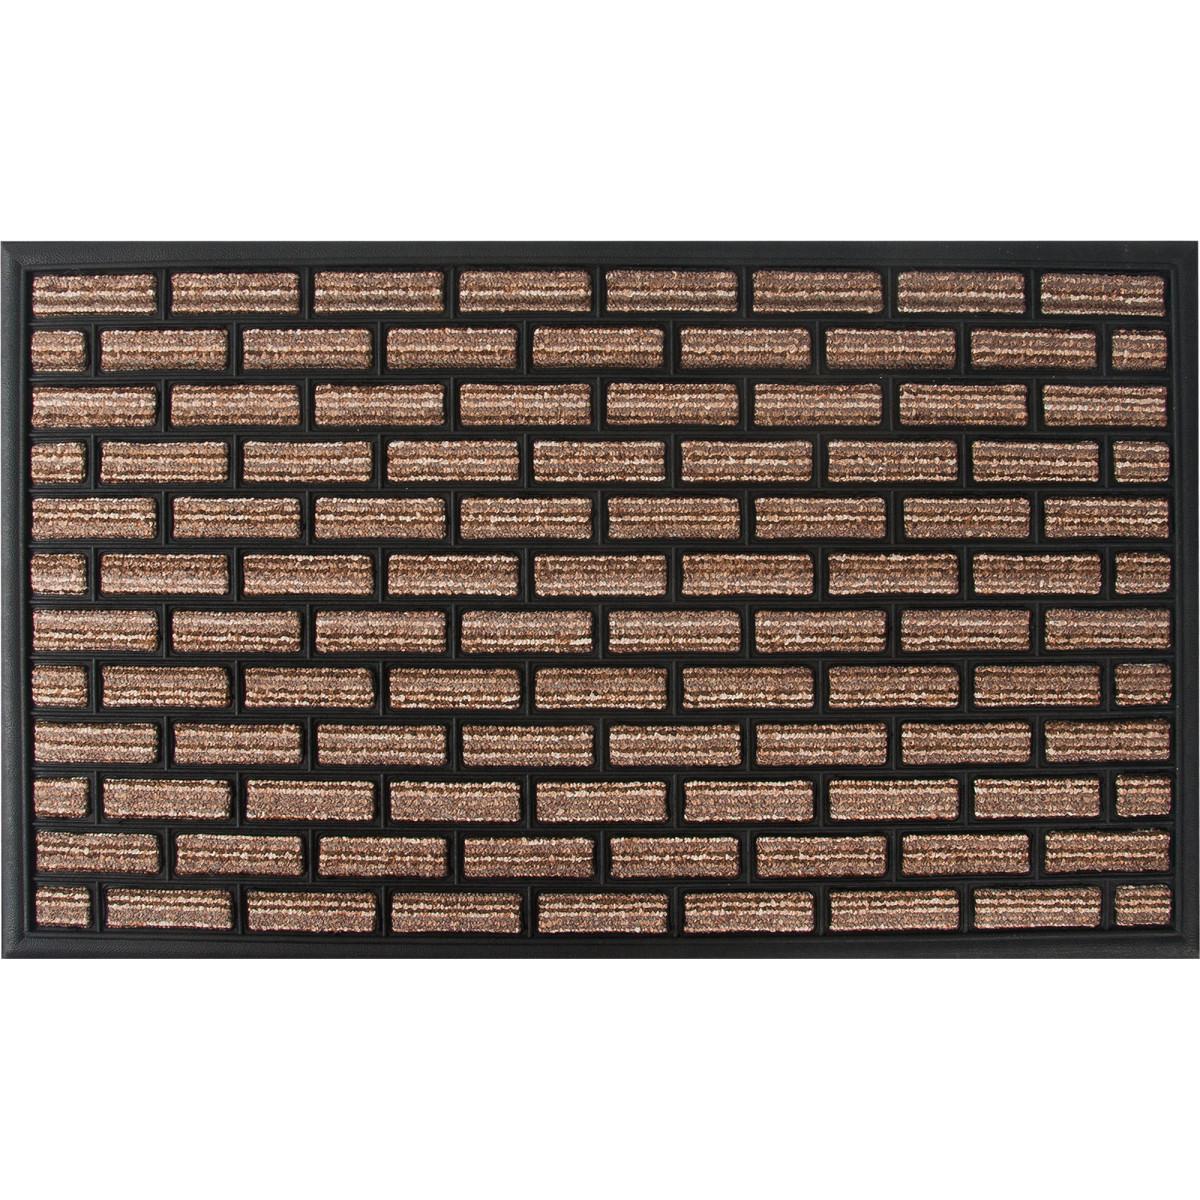 Коврик Porto 1051 45x75 см резина цвет коричневый